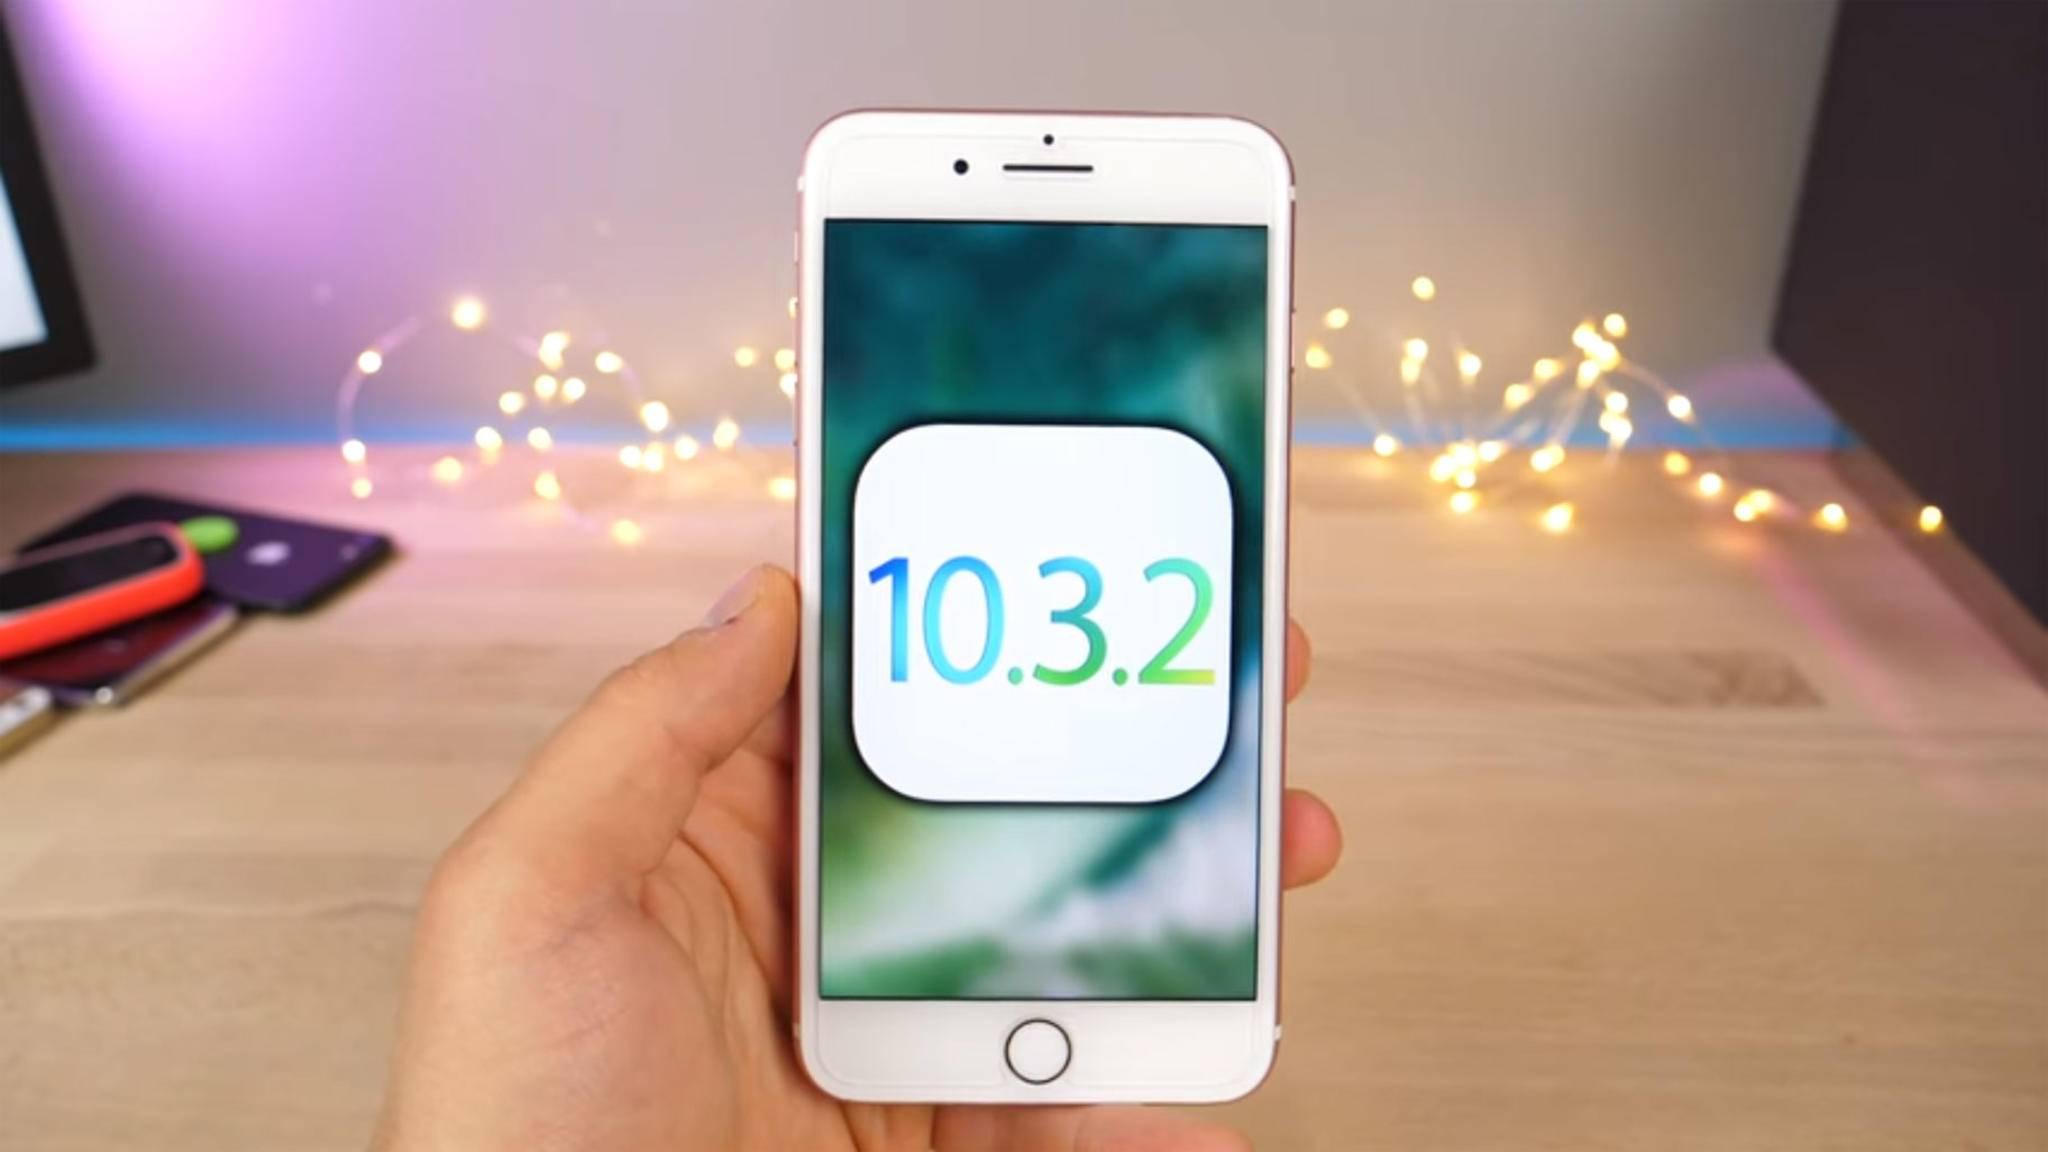 Der Downgrade auf iOS 10.3.2 ist ab sofort nicht mehr möglich.